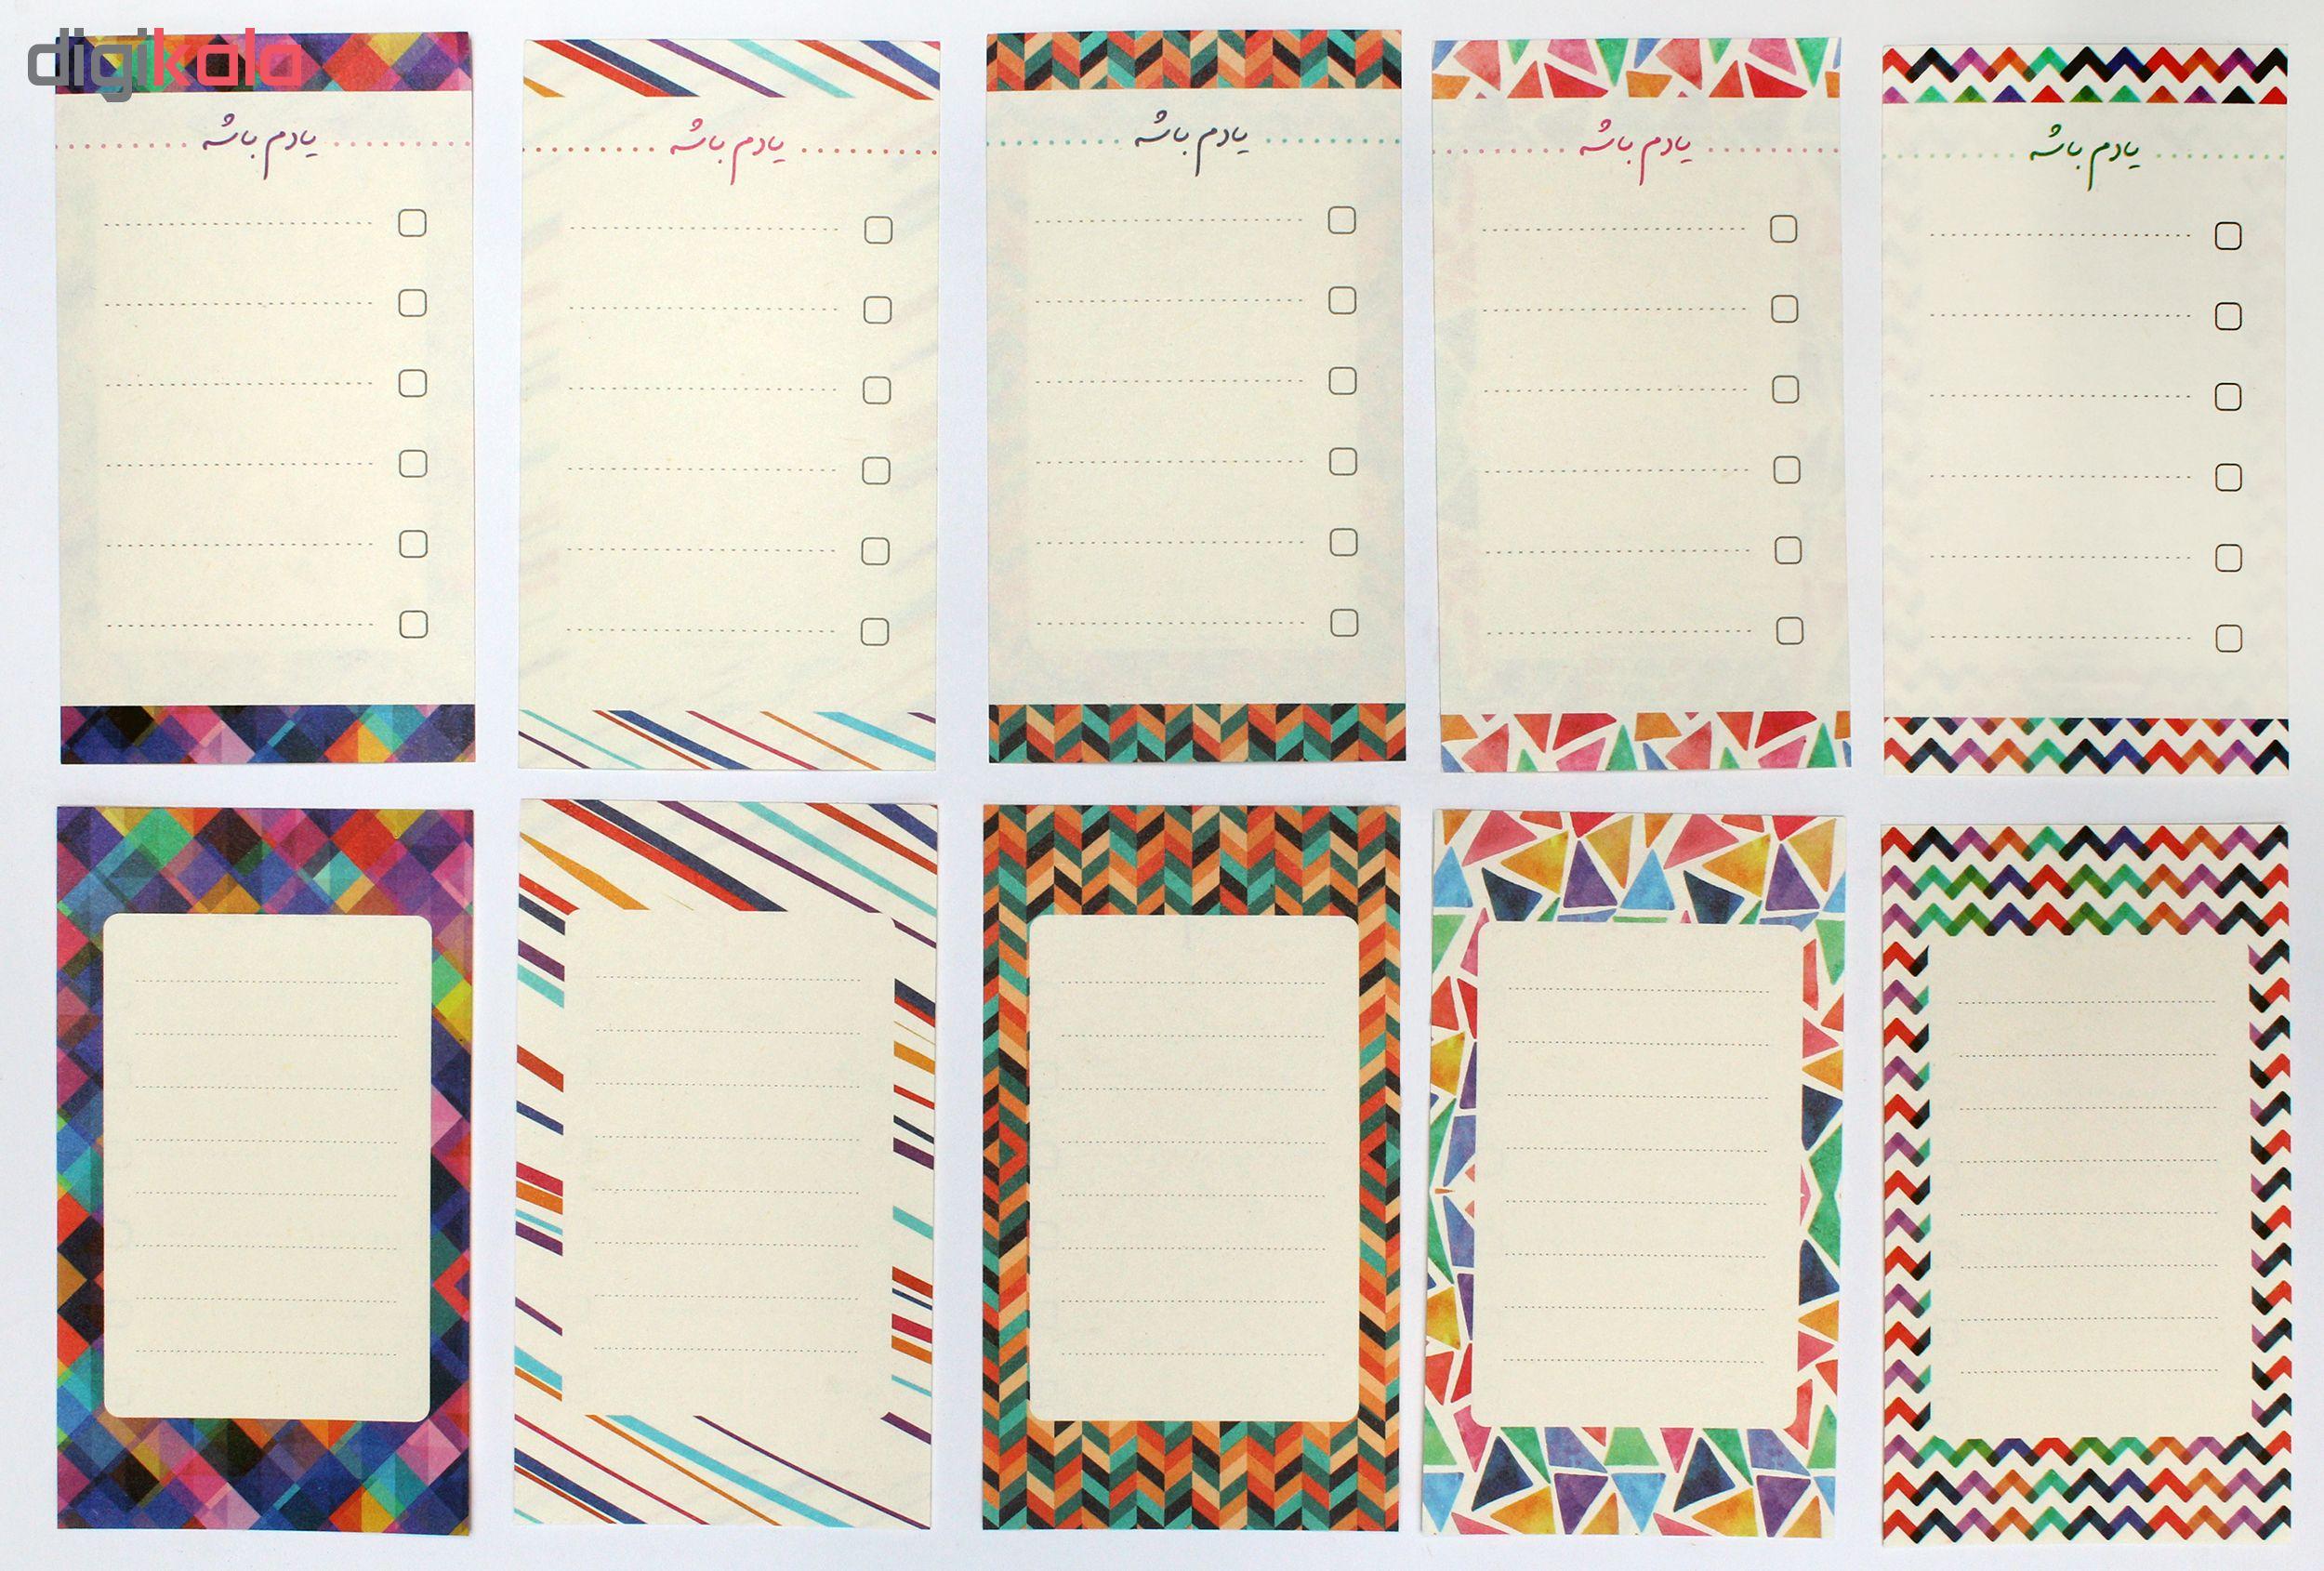 کاغذ یادداشت طرح یادم باشه مجموعه 30 عددی